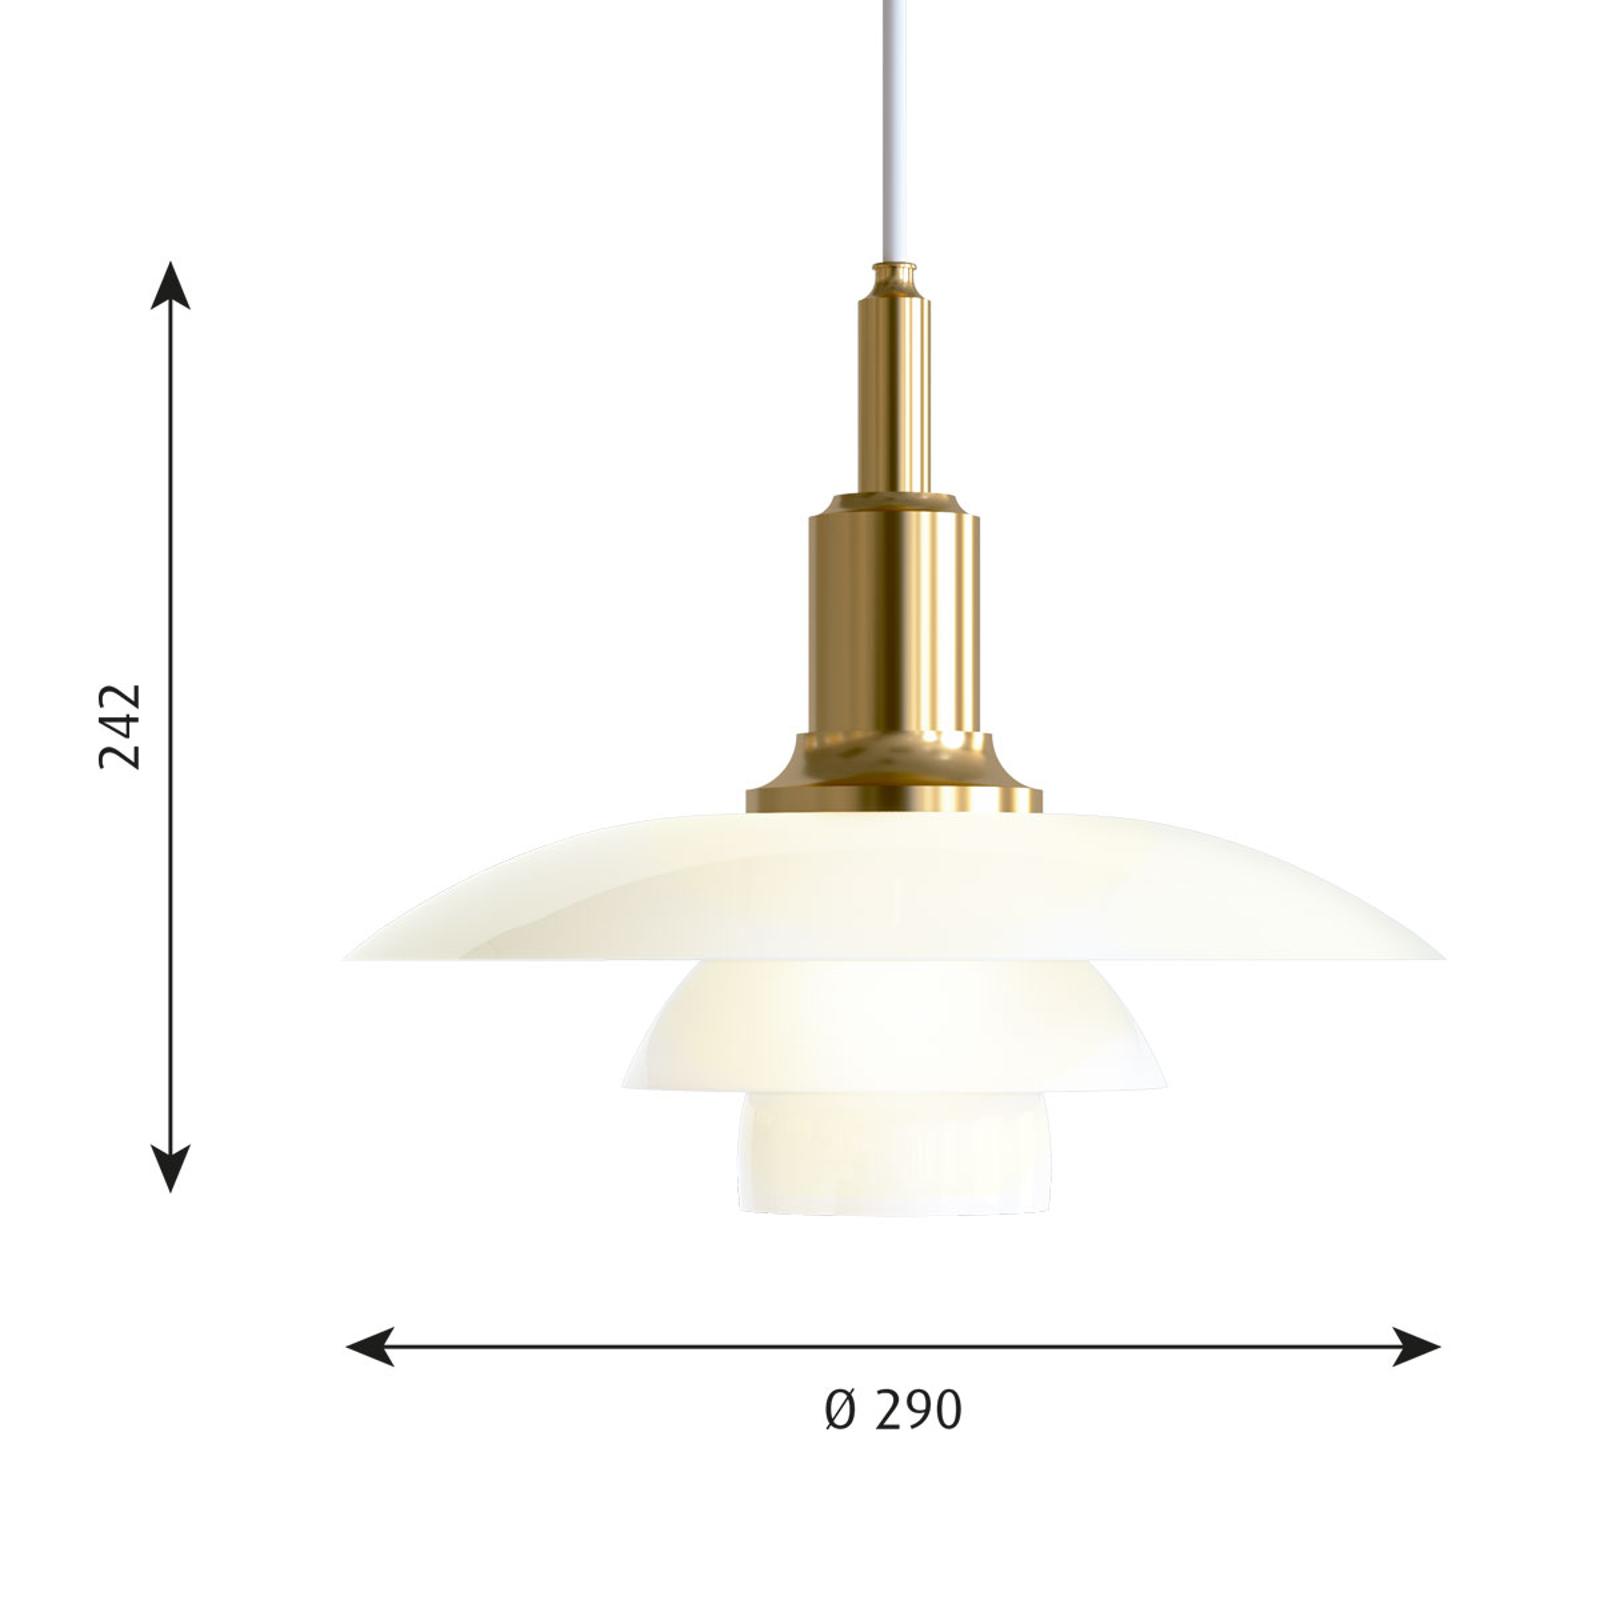 Louis Poulsen PH 3/2 glazen hanglamp messing-wit